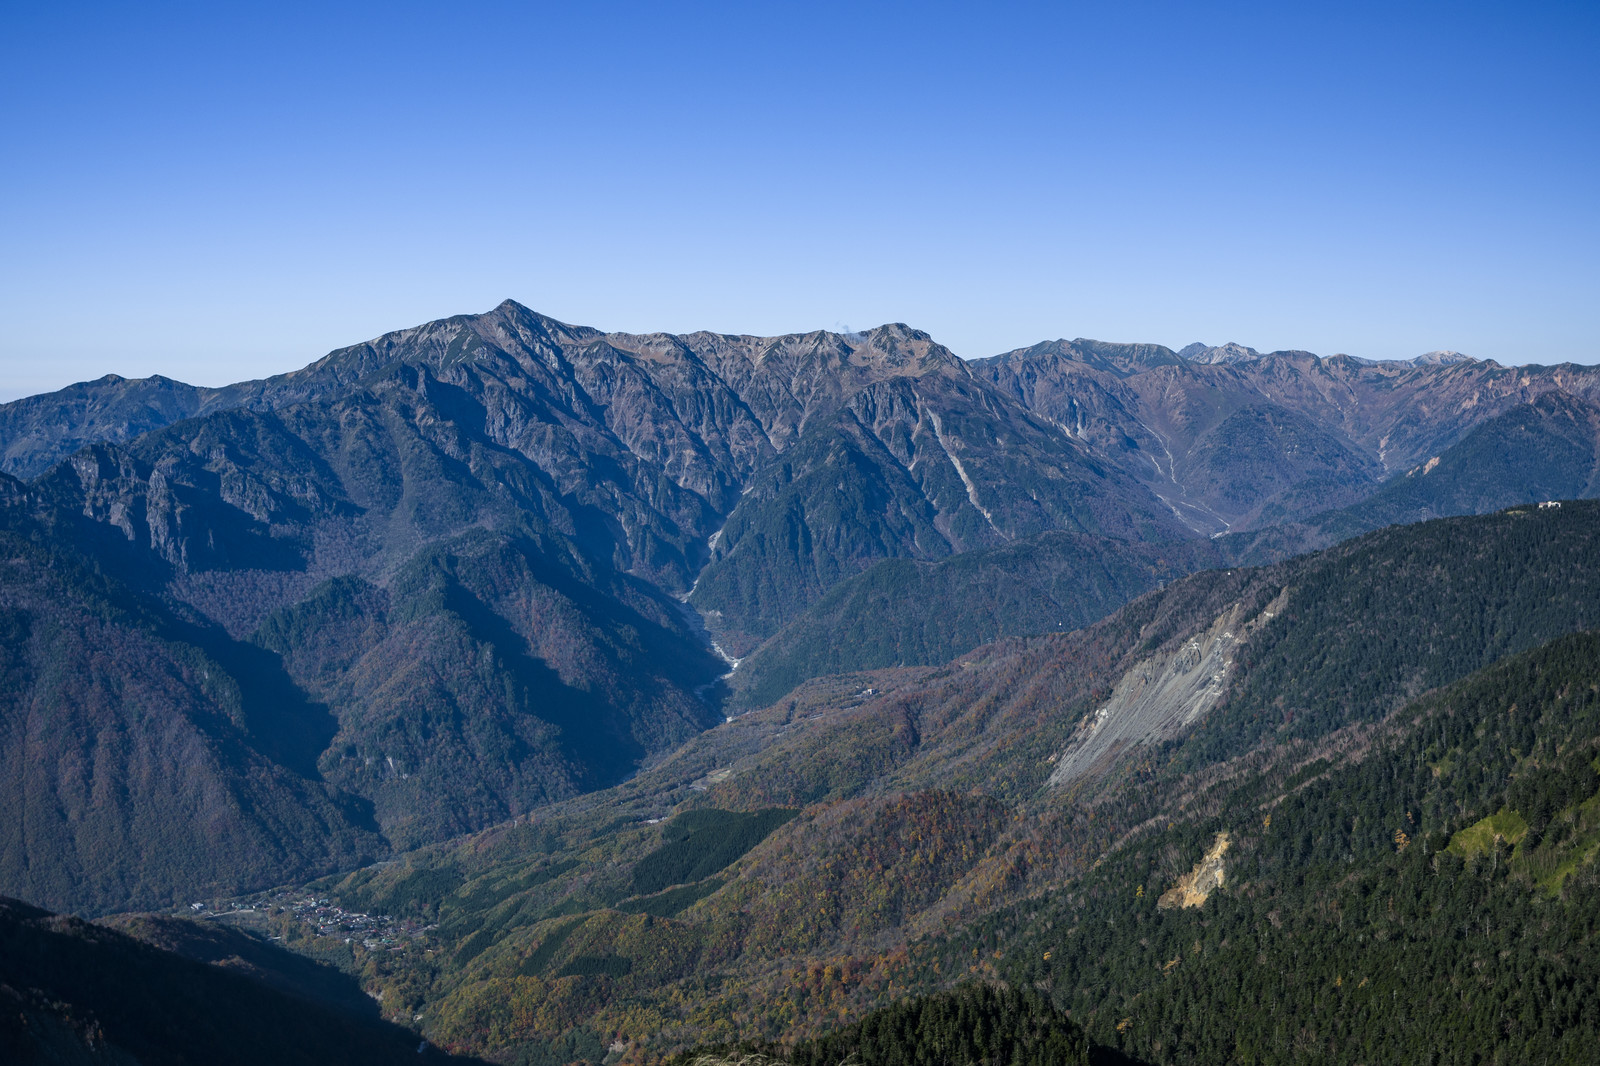 「長大な笠ヶ岳稜線を望む」の写真